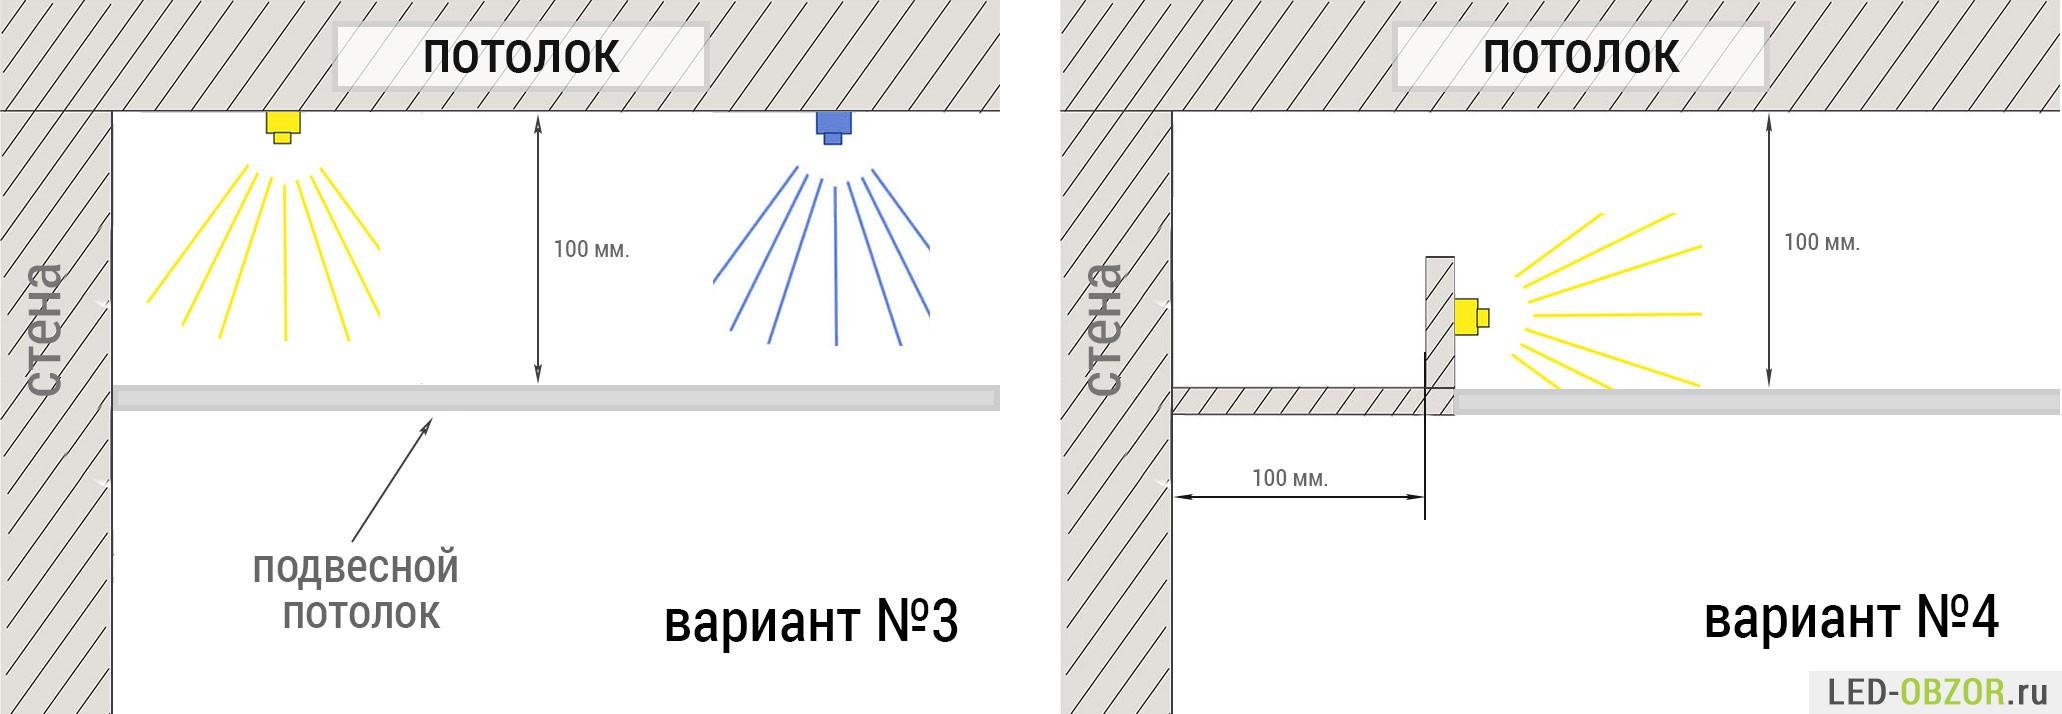 Как сделать потолок для светодиодной подсветки 713